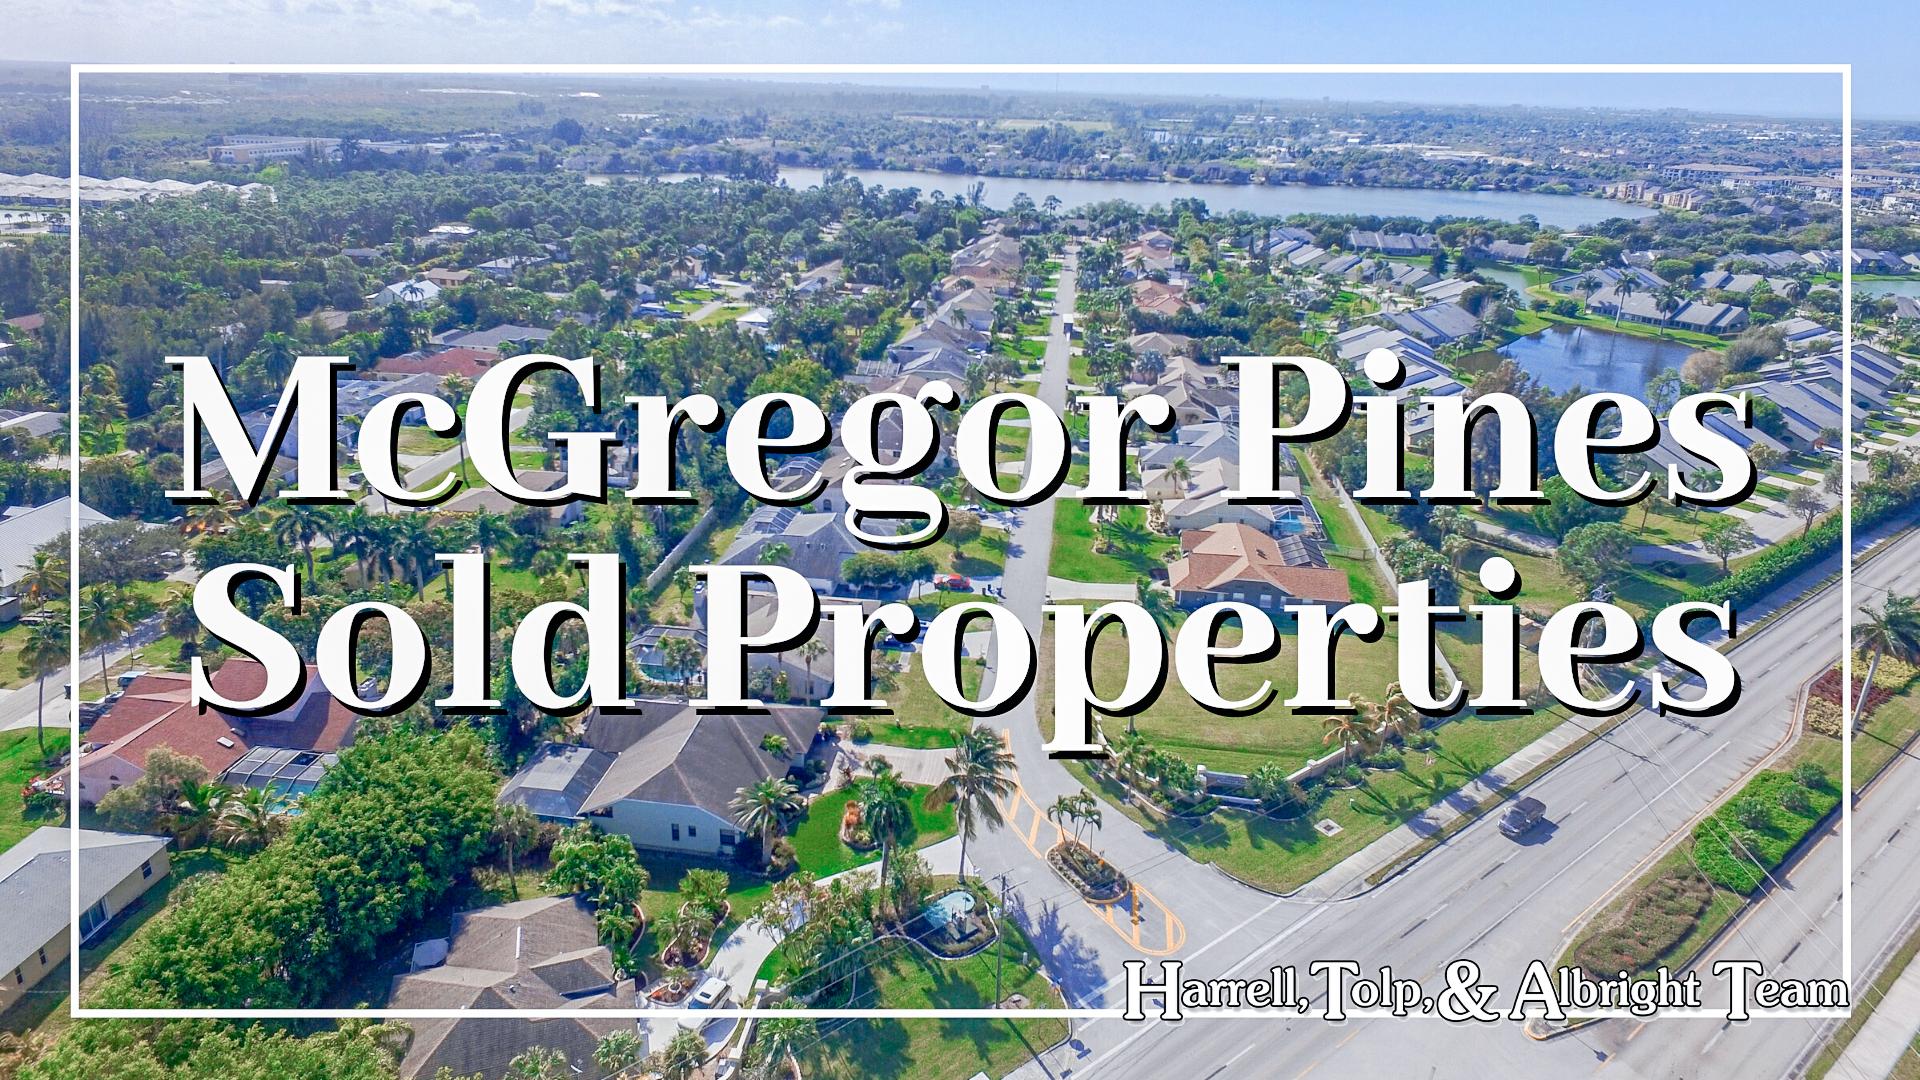 McGregor Pines Sold Properties